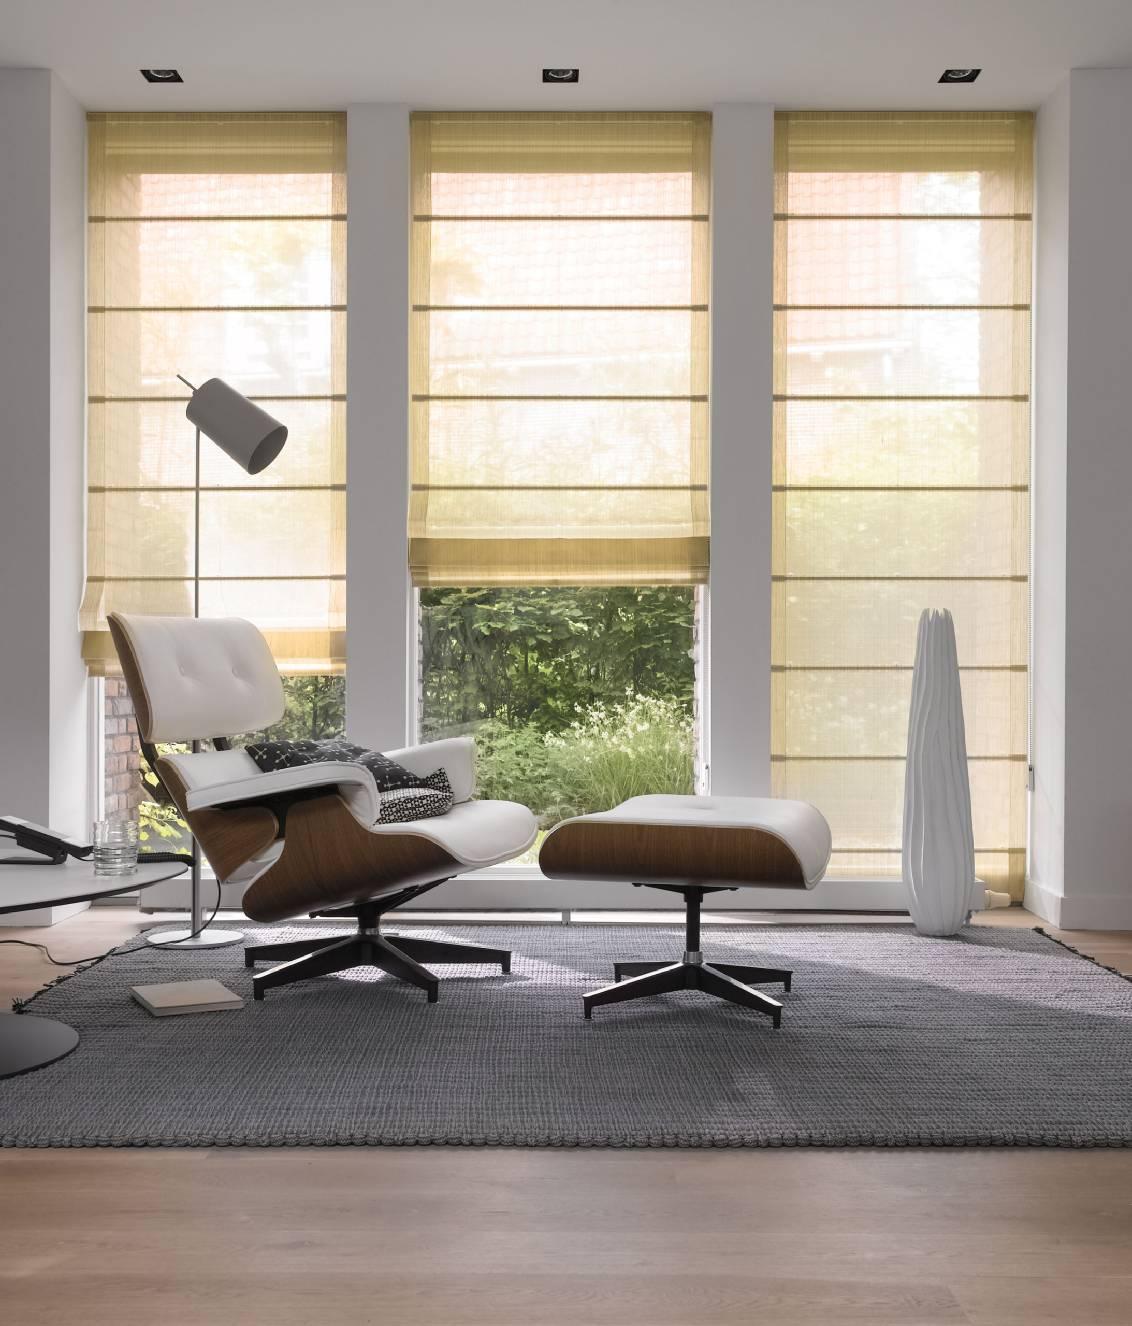 paeseler jalousien rollladen und sonnenschutztechnikbetrieb in berlin raffrollo. Black Bedroom Furniture Sets. Home Design Ideas